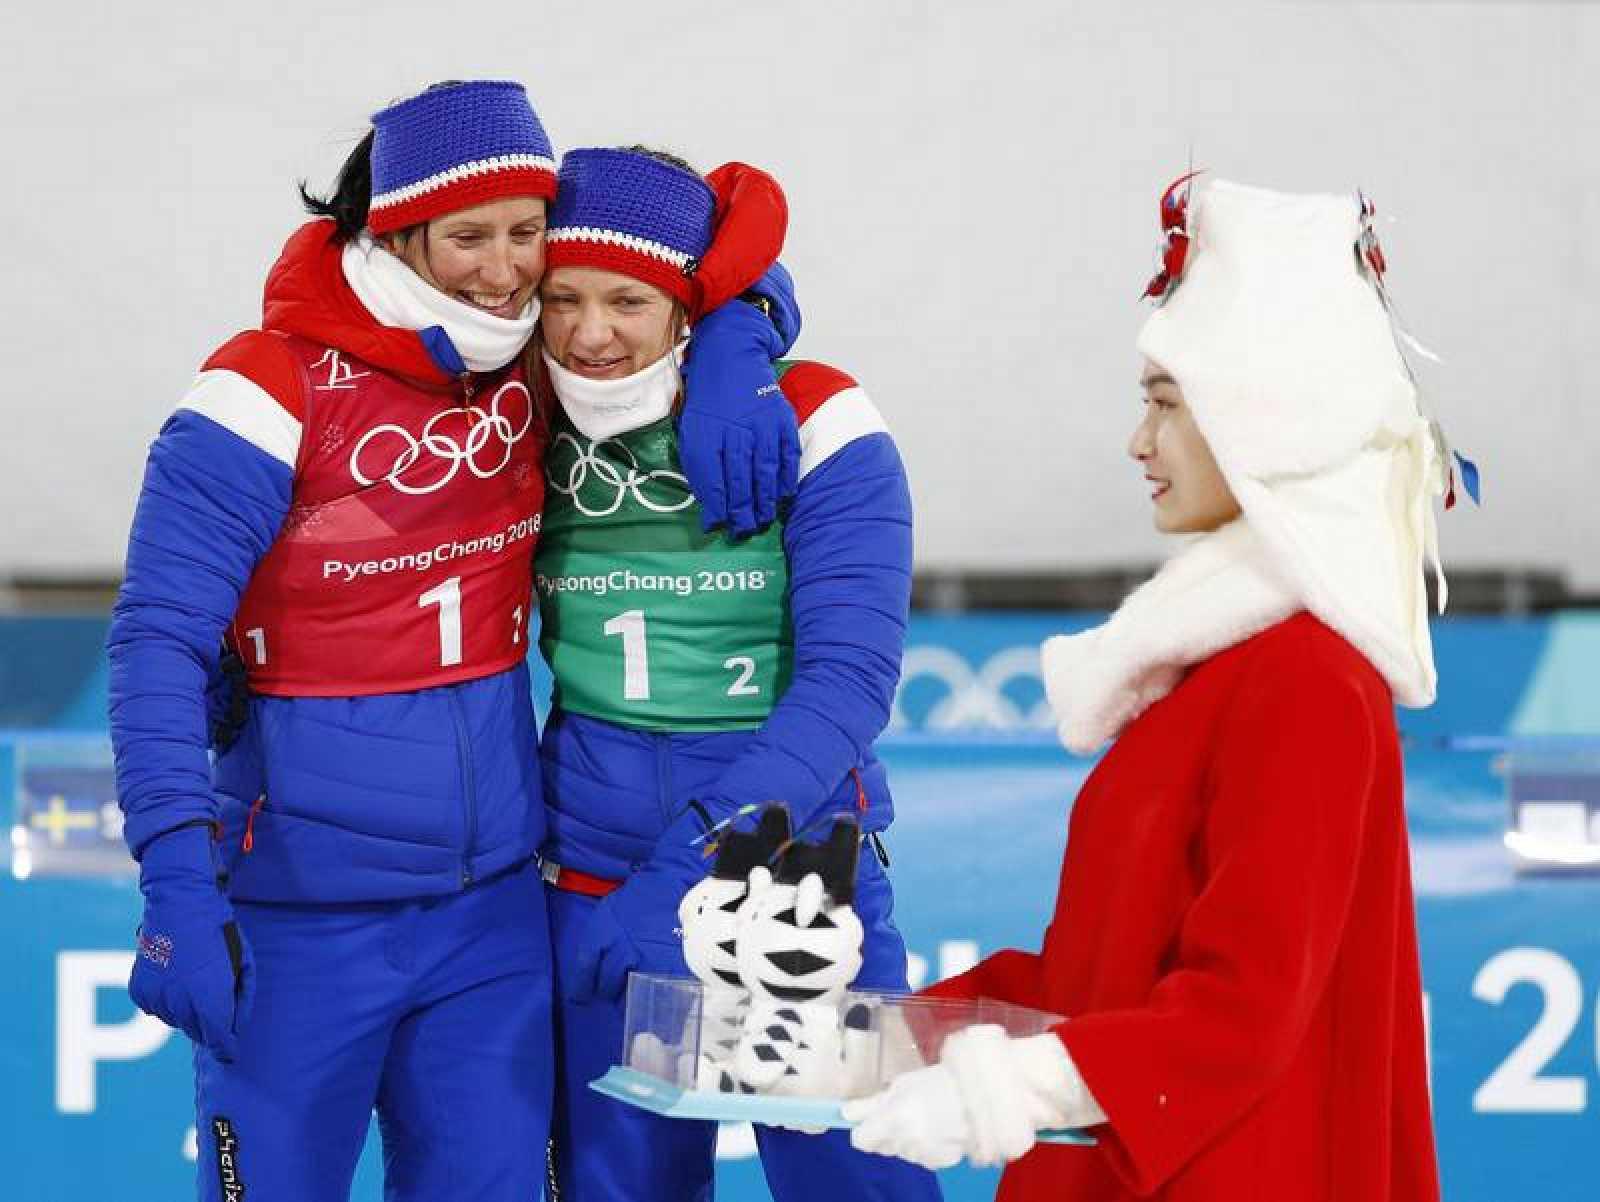 Resultado de imagen para Los noruegos Ole Einar Bjørndalen y Marit Bjorgen